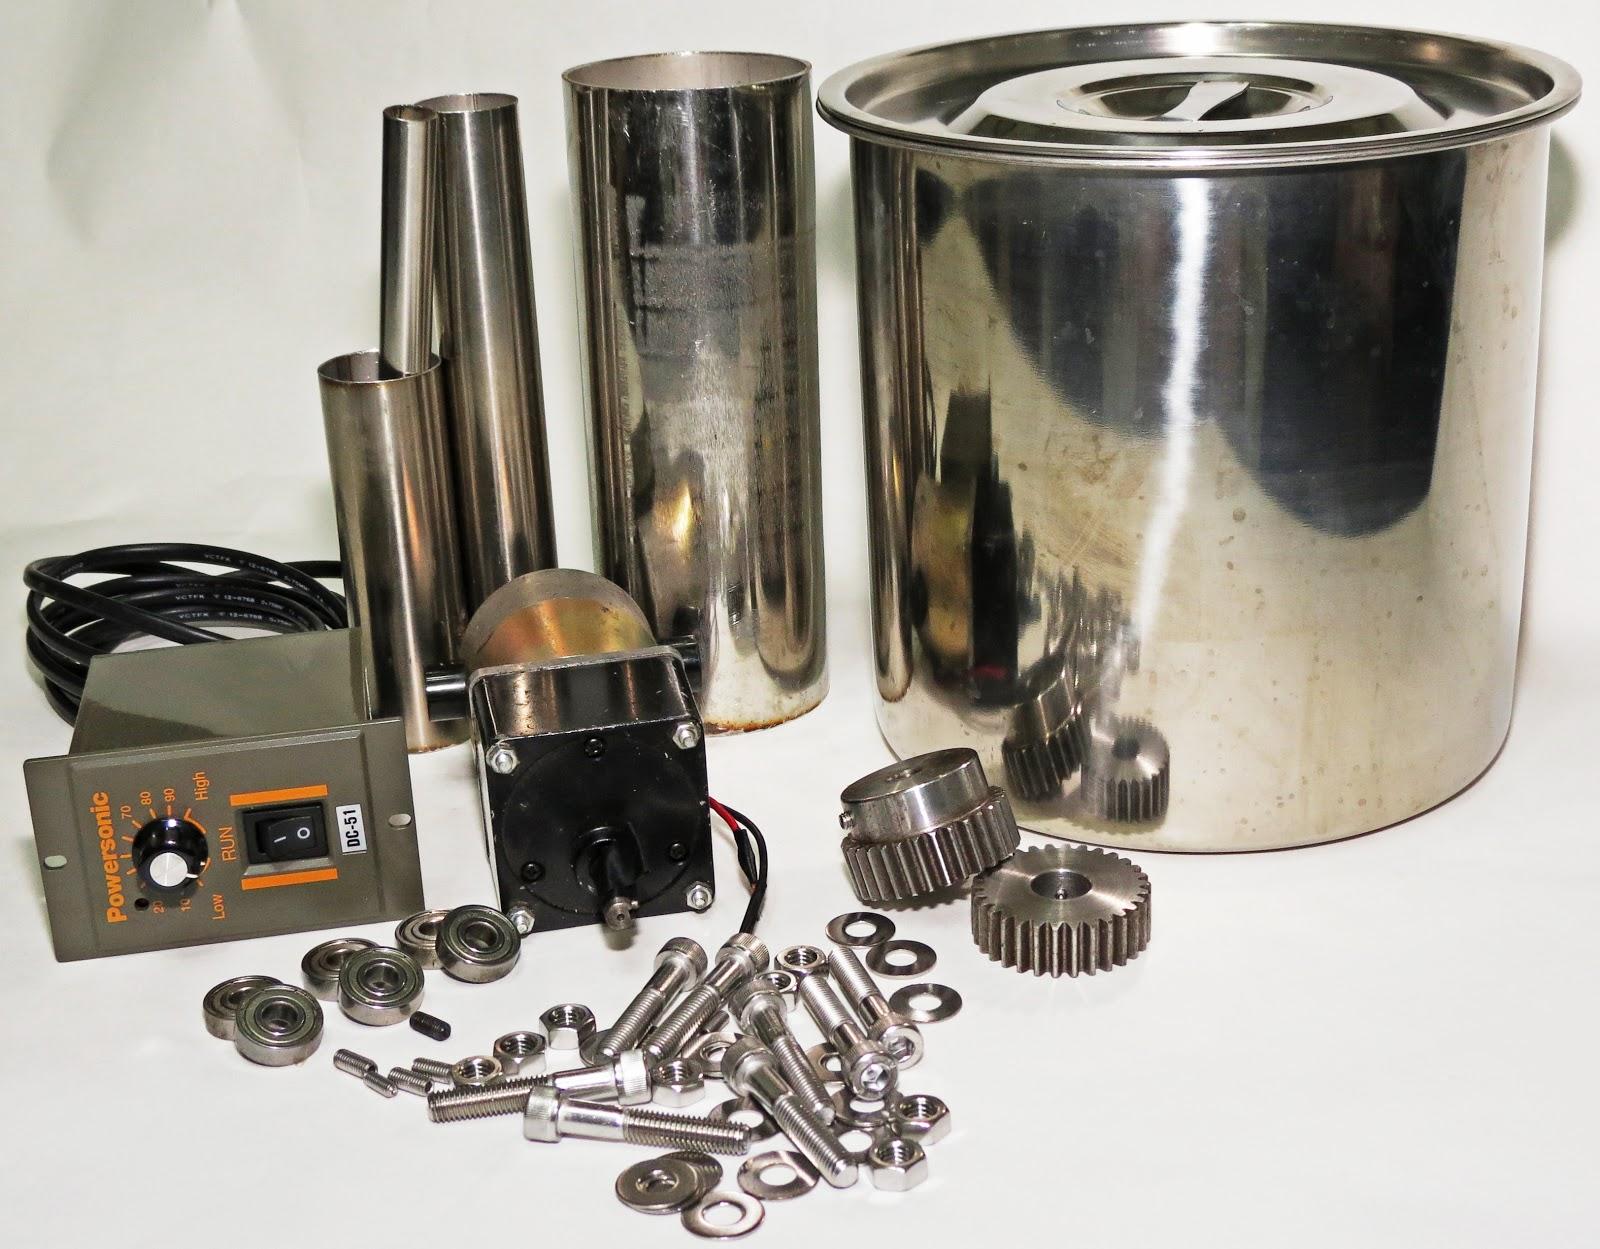 咖啡豆·烘焙·咖啡豆烘焙機diy – 青蛙堂部落格